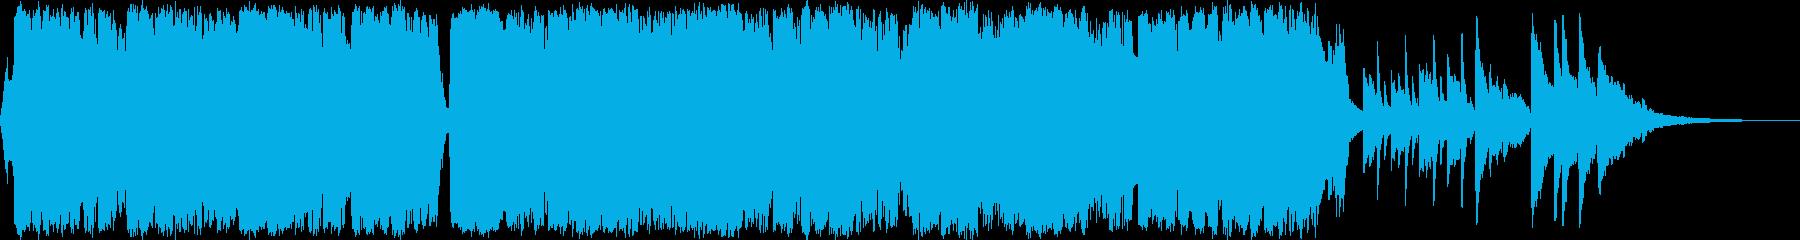 感動的な琴とチェロの和風バラードaの再生済みの波形